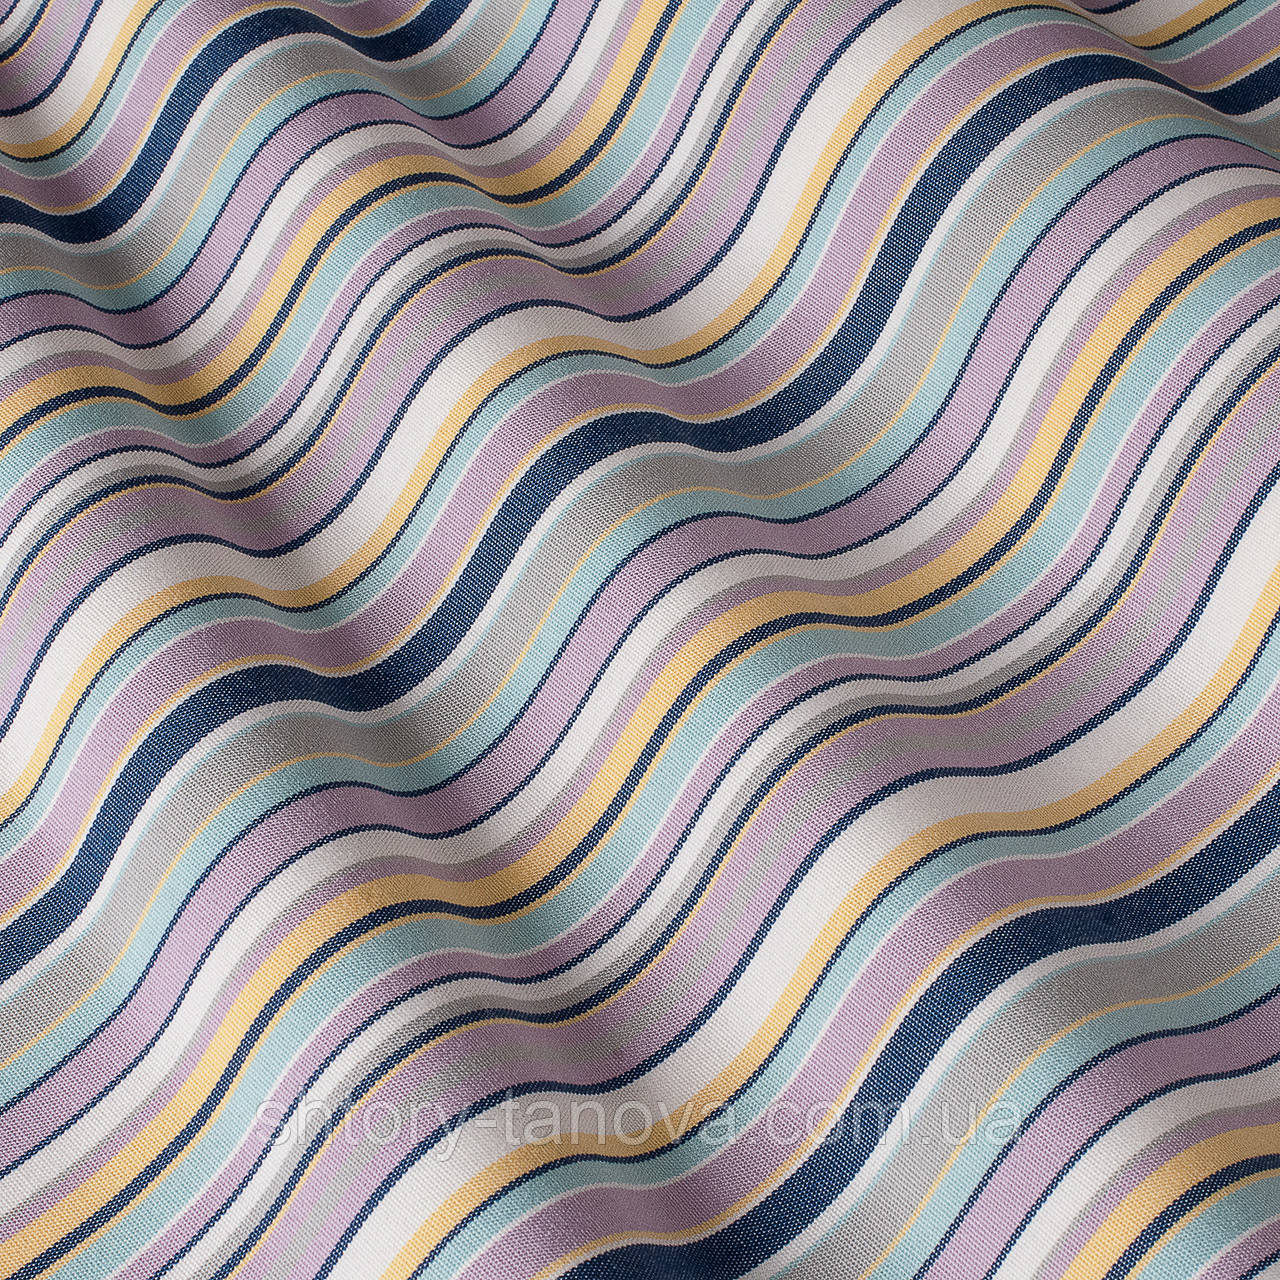 Уличная акриловая ткань в сиреневую и синюю полоску